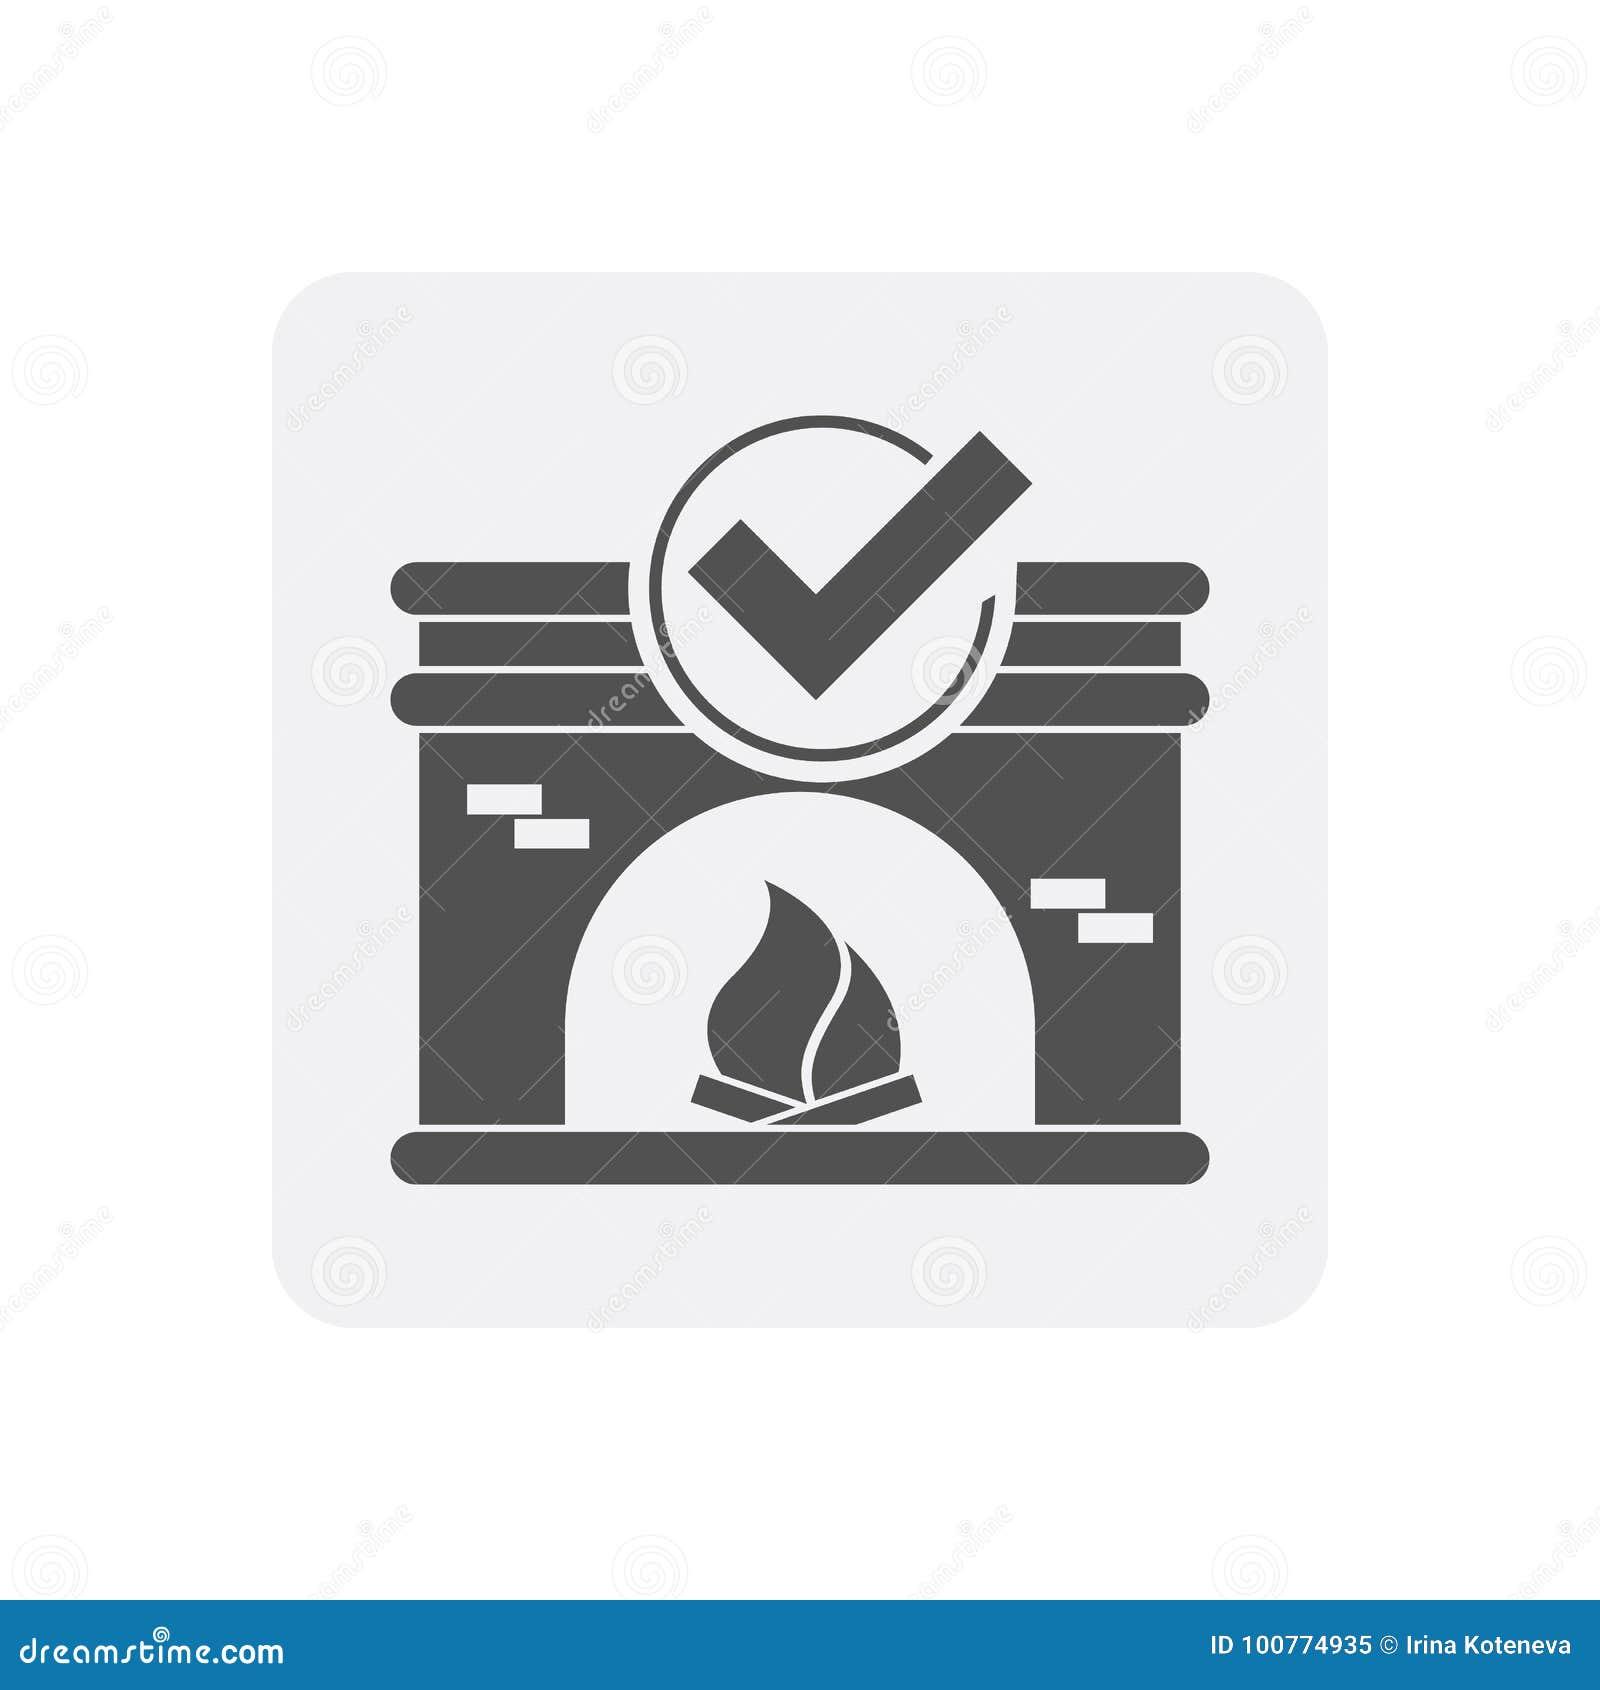 Kwaliteitscontrole thuis pictogram met open haardteken